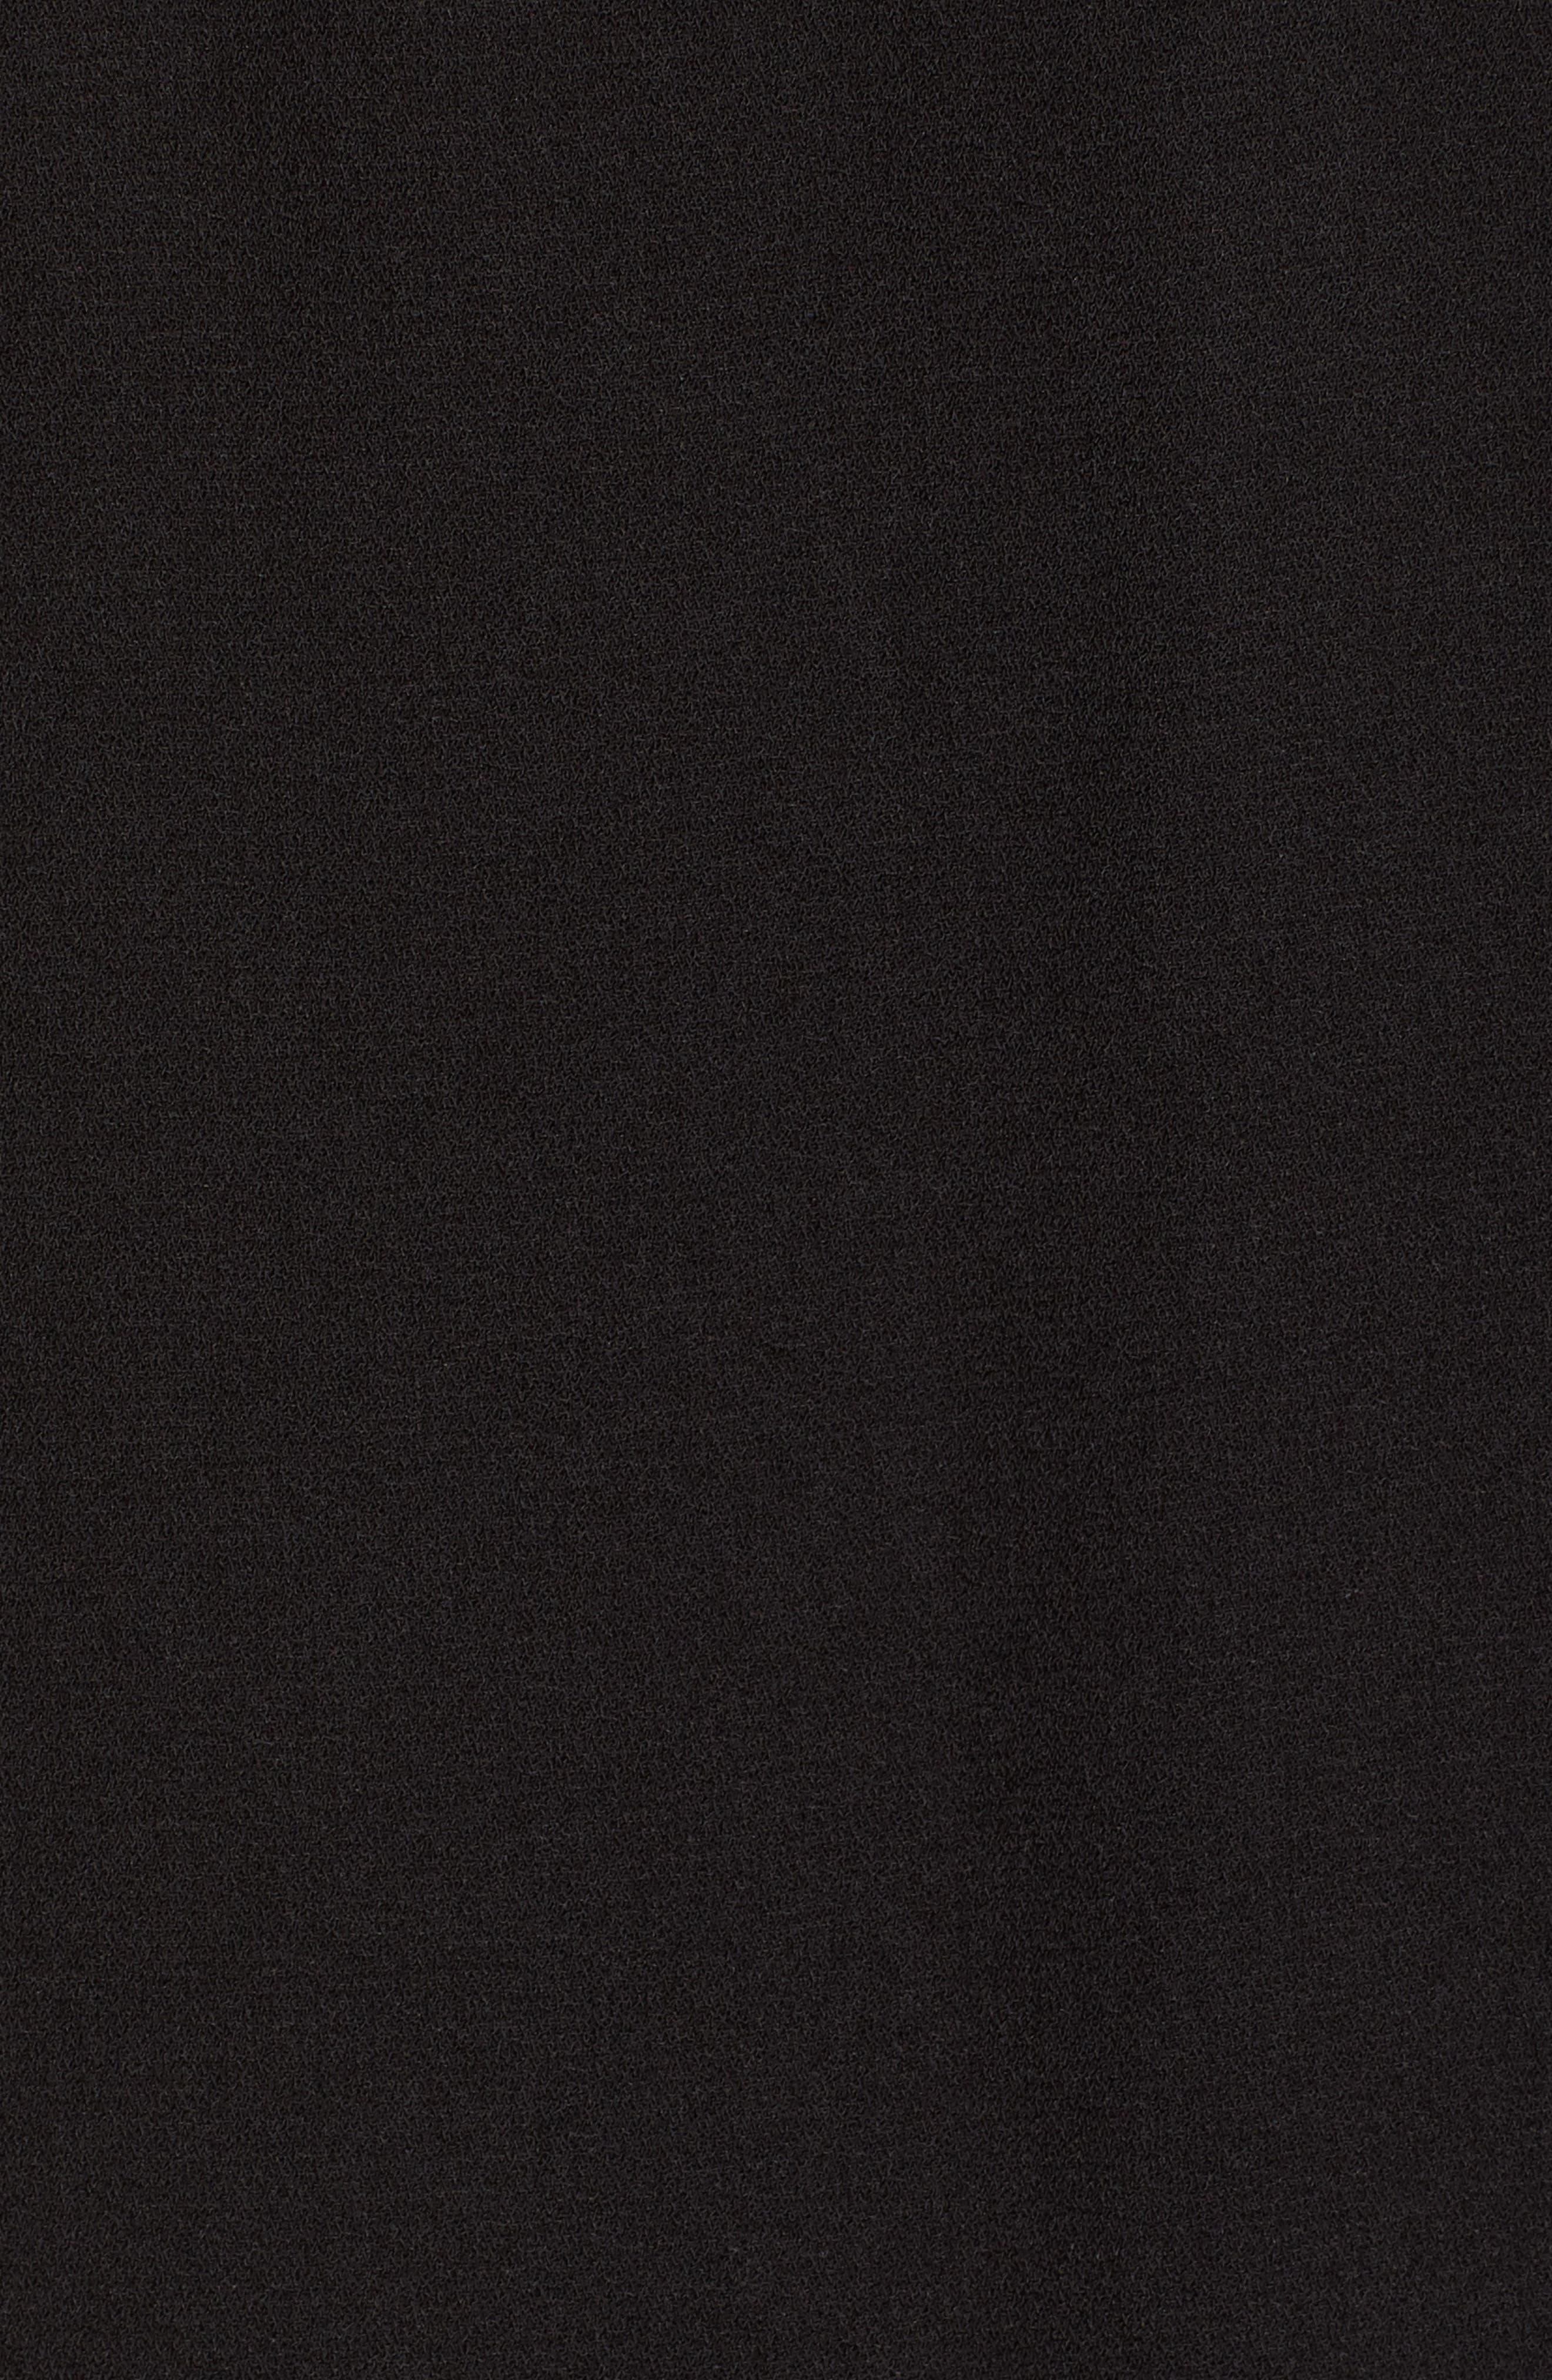 Lace Trim Camisole,                             Alternate thumbnail 5, color,                             001